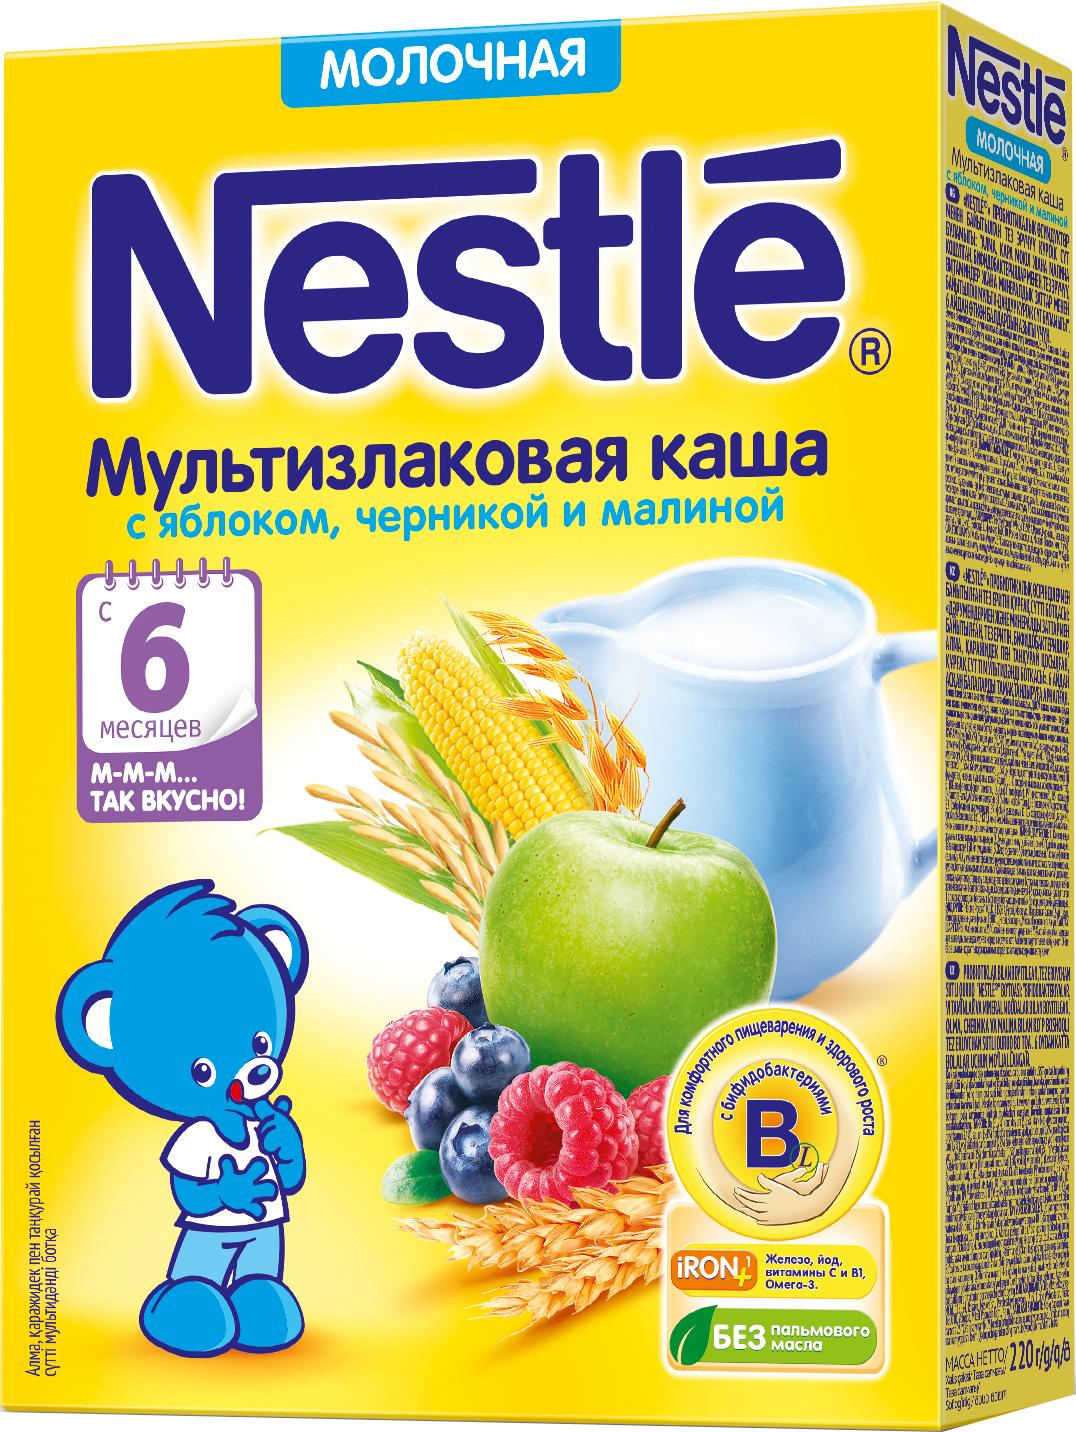 Каша Nestle Nestlé Молочная мультизлаковая с яблоком, черникой и малиной (с 6 месяцев) 220 г каша semper semper молочная мультизлаковая с бананом малиной и йогуртом с 10 месяцев 200 г